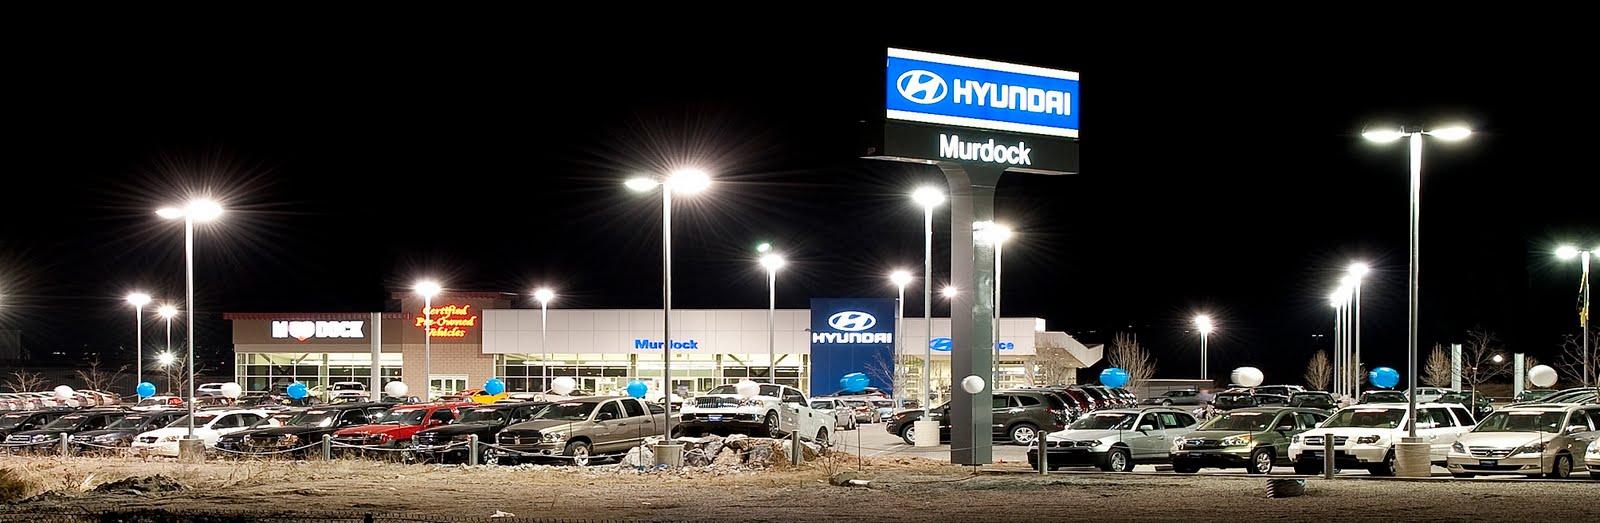 Utah's #1 Hyundai Dealer